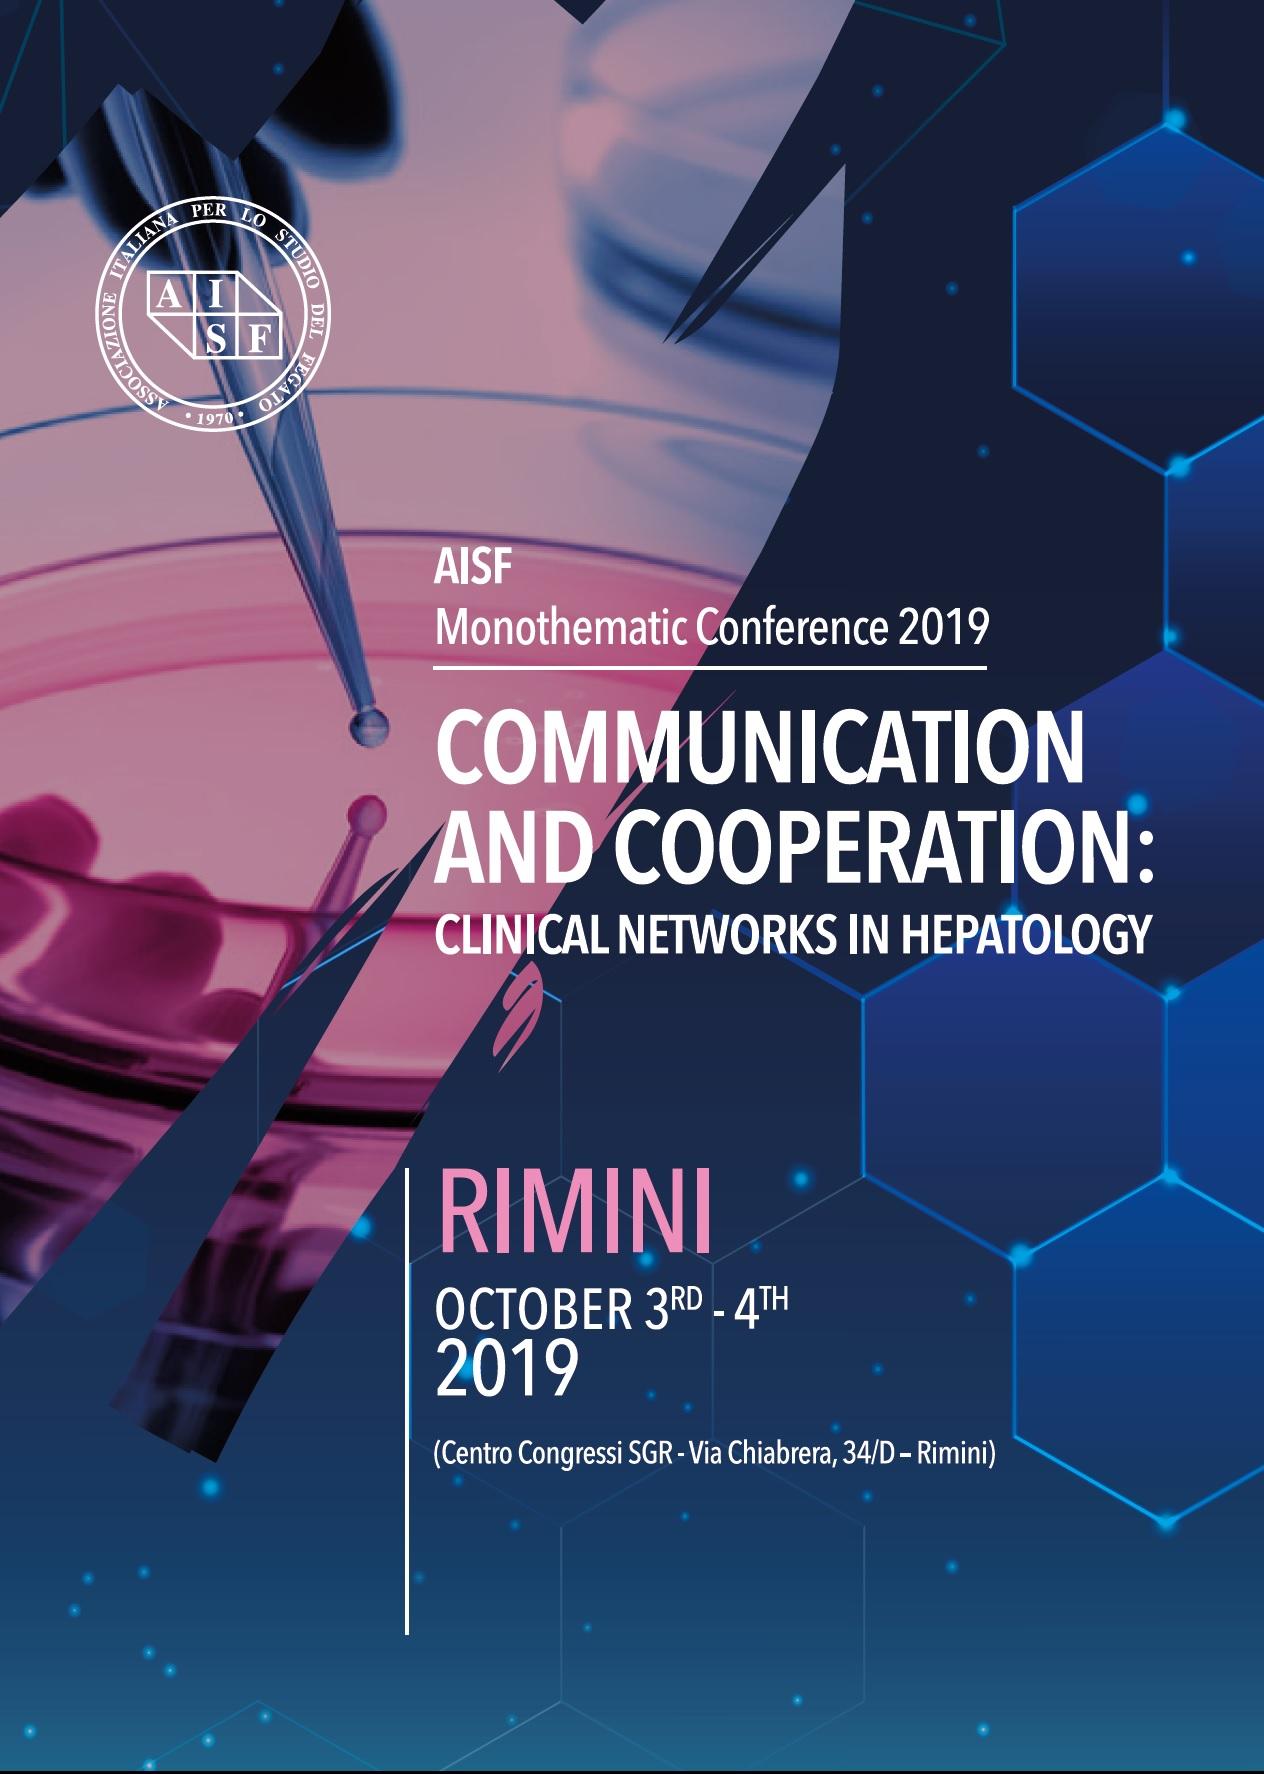 Riunione Monotematica AISF 2019 – Rimini, 3.4 Ottobre 2019